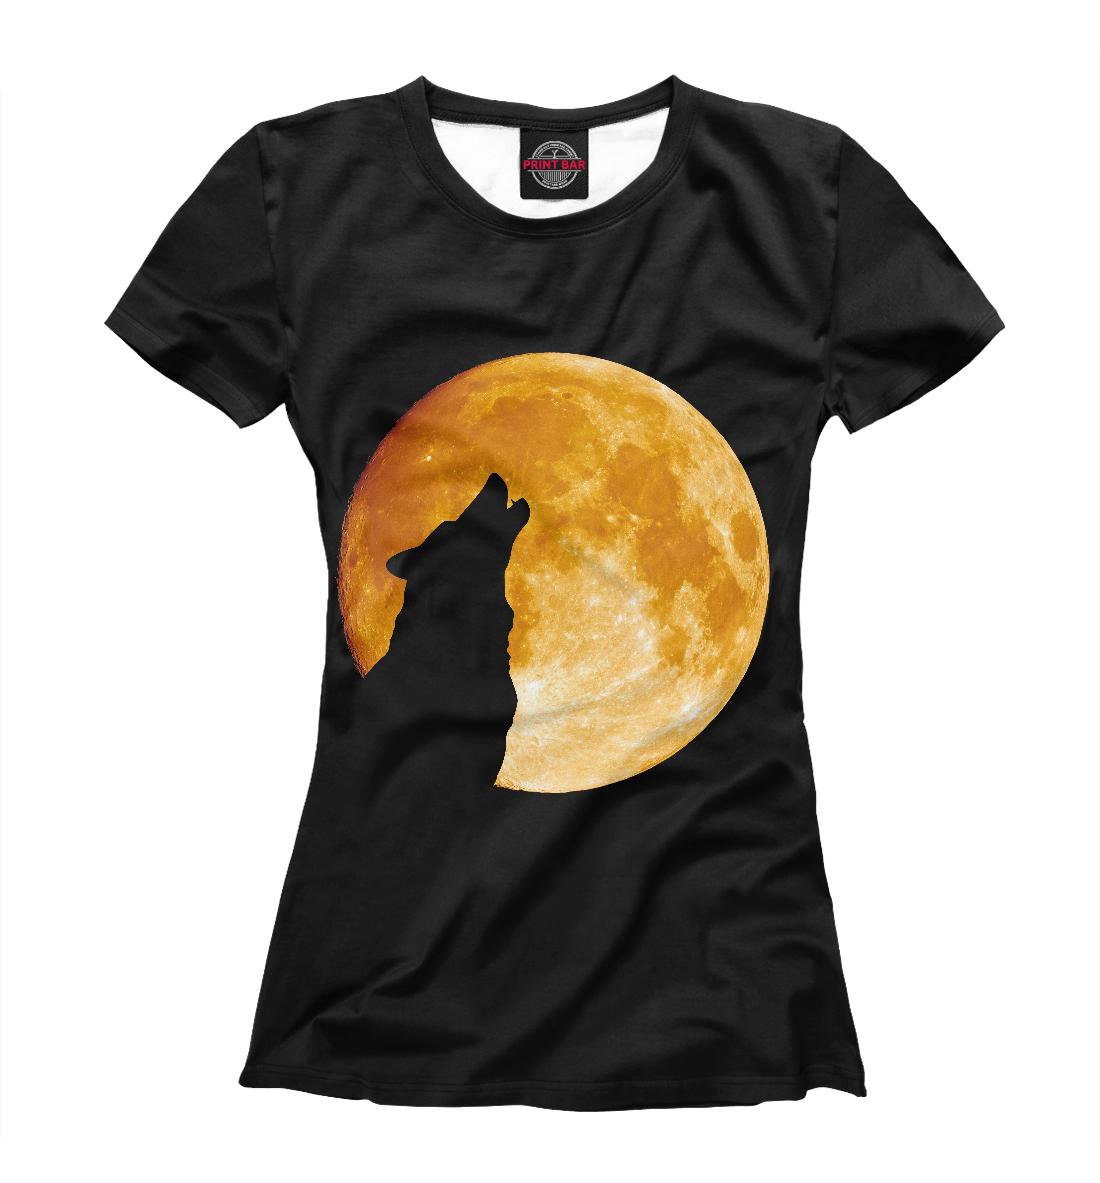 Купить Волк воет на луну, Printbar, Футболки, VLF-129501-fut-1